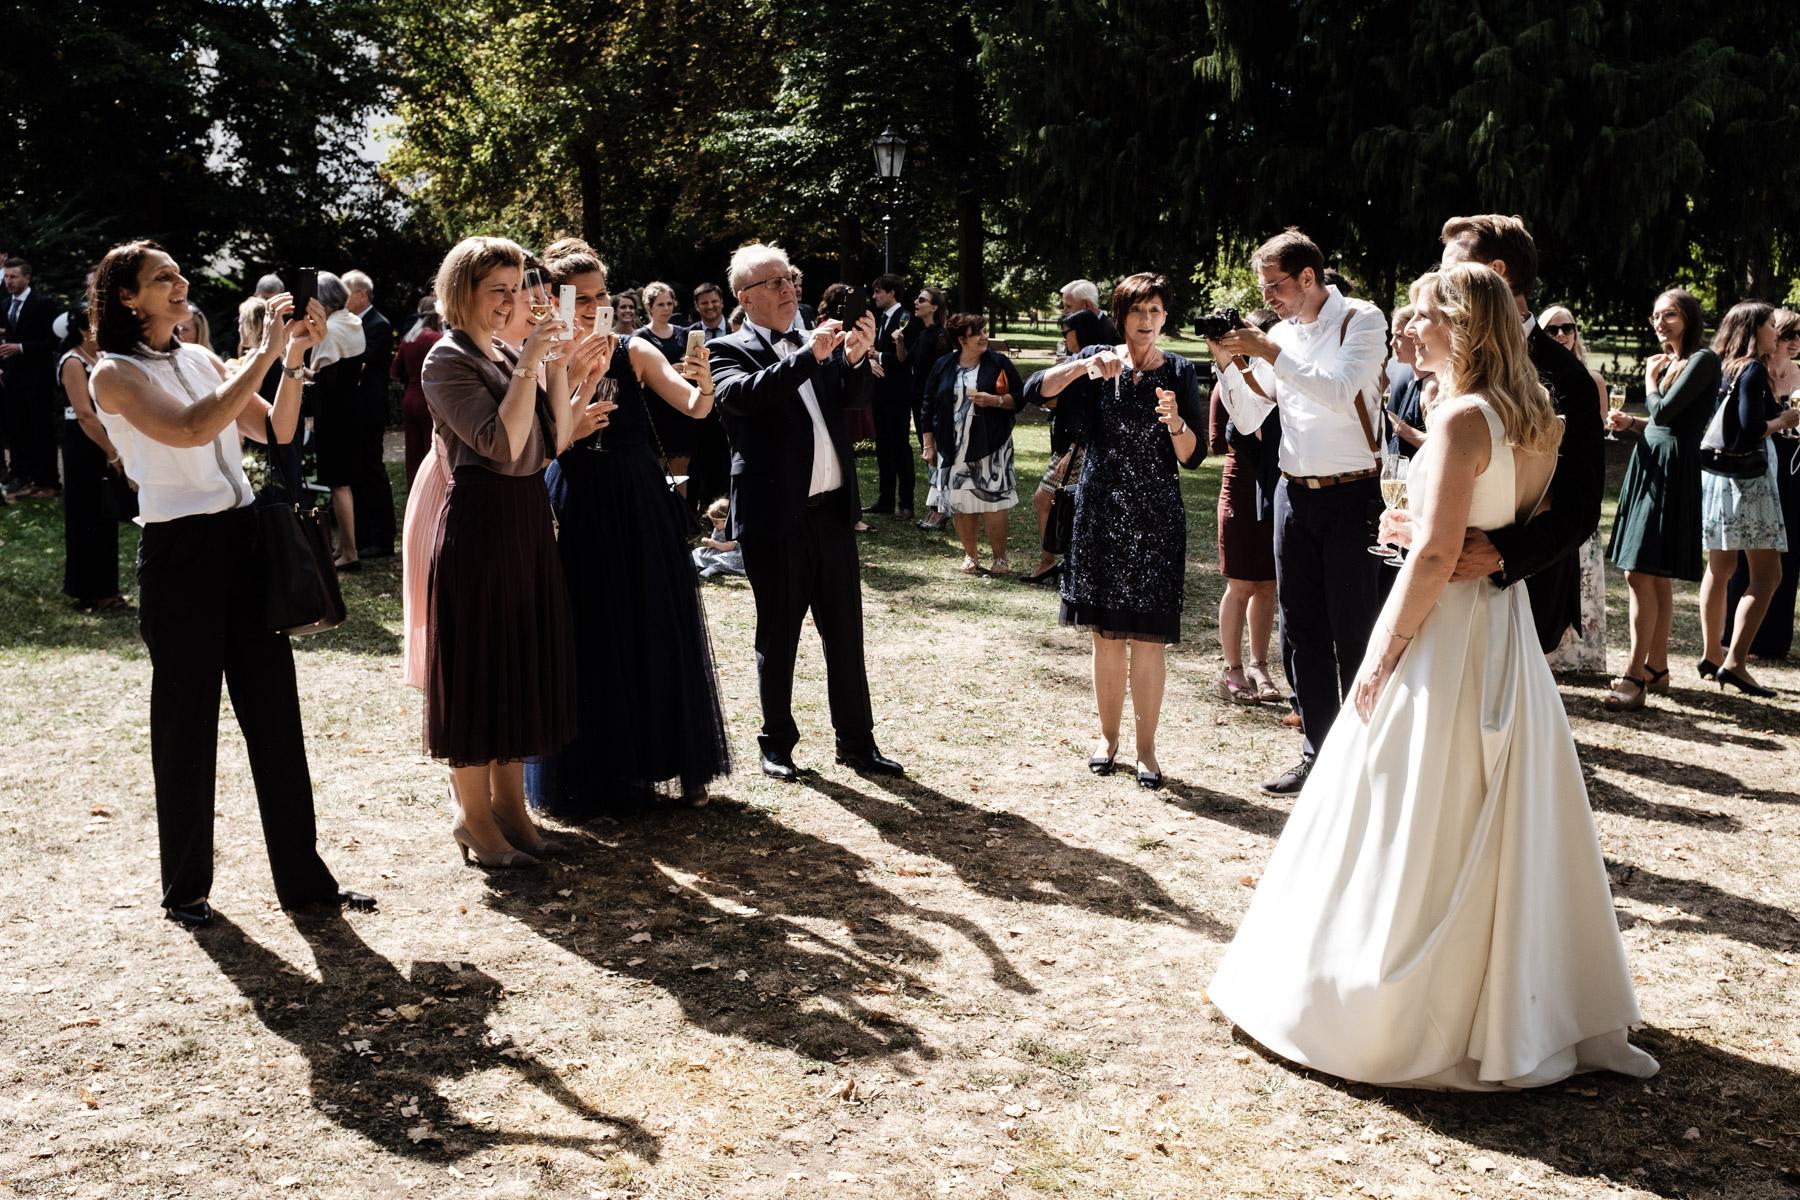 MartinLiebl_Kein_Hochzeitsfotograf_Blog_CWF_Bad_Neustadt_35.jpg